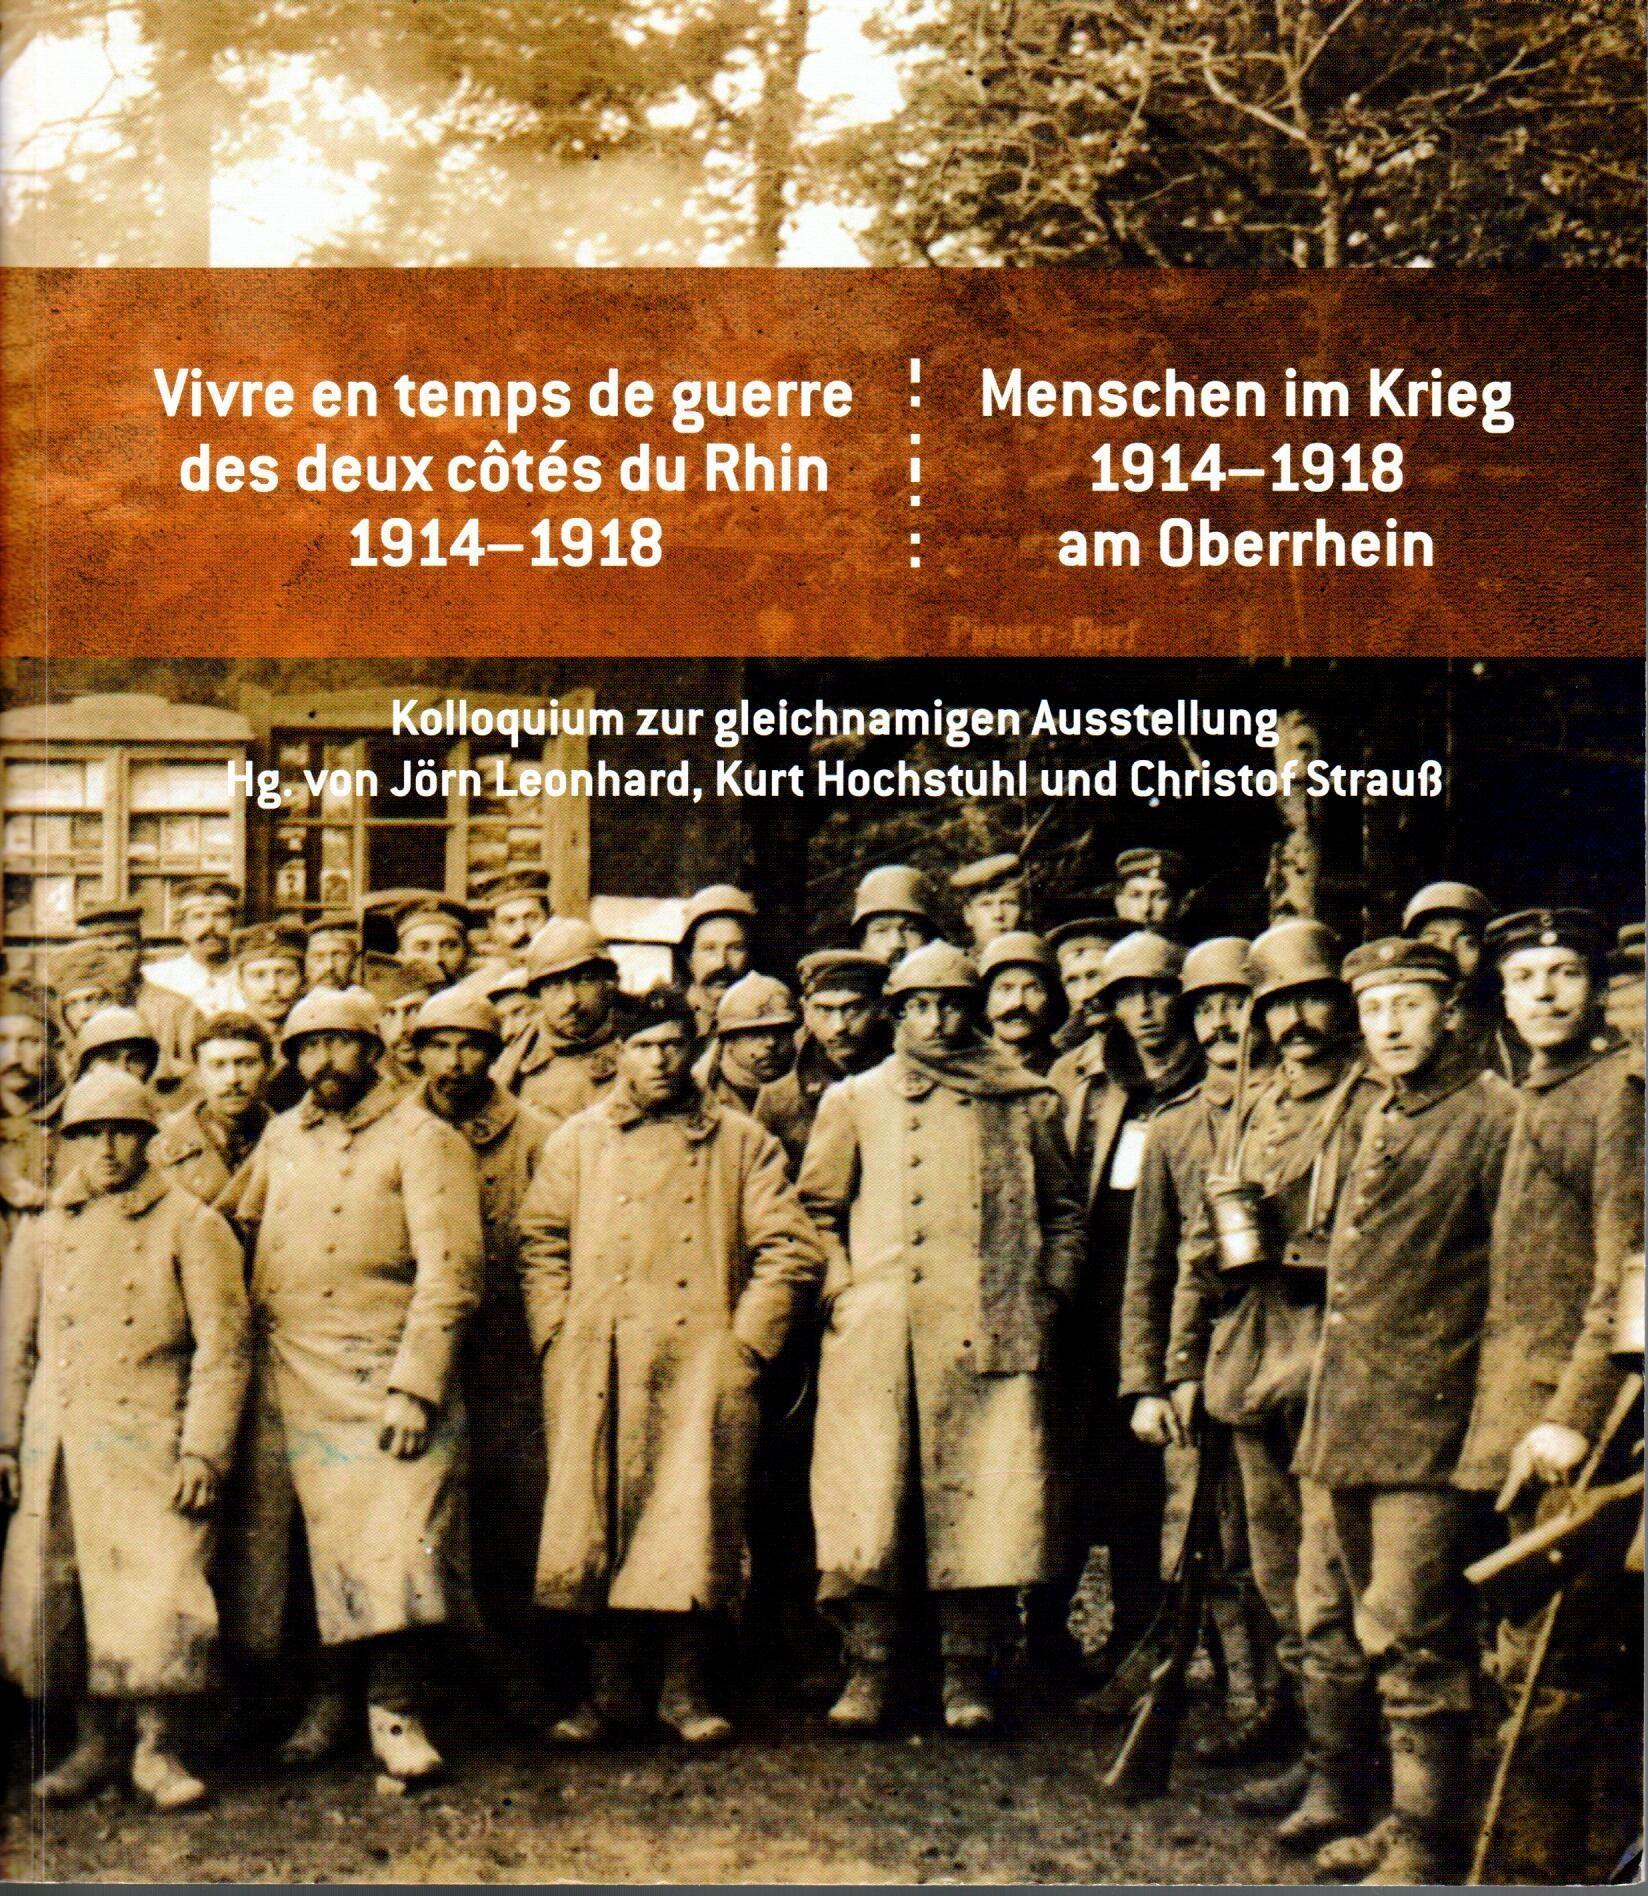 menschen im krieg 1914-1918 am oberrhein (2014).jpg